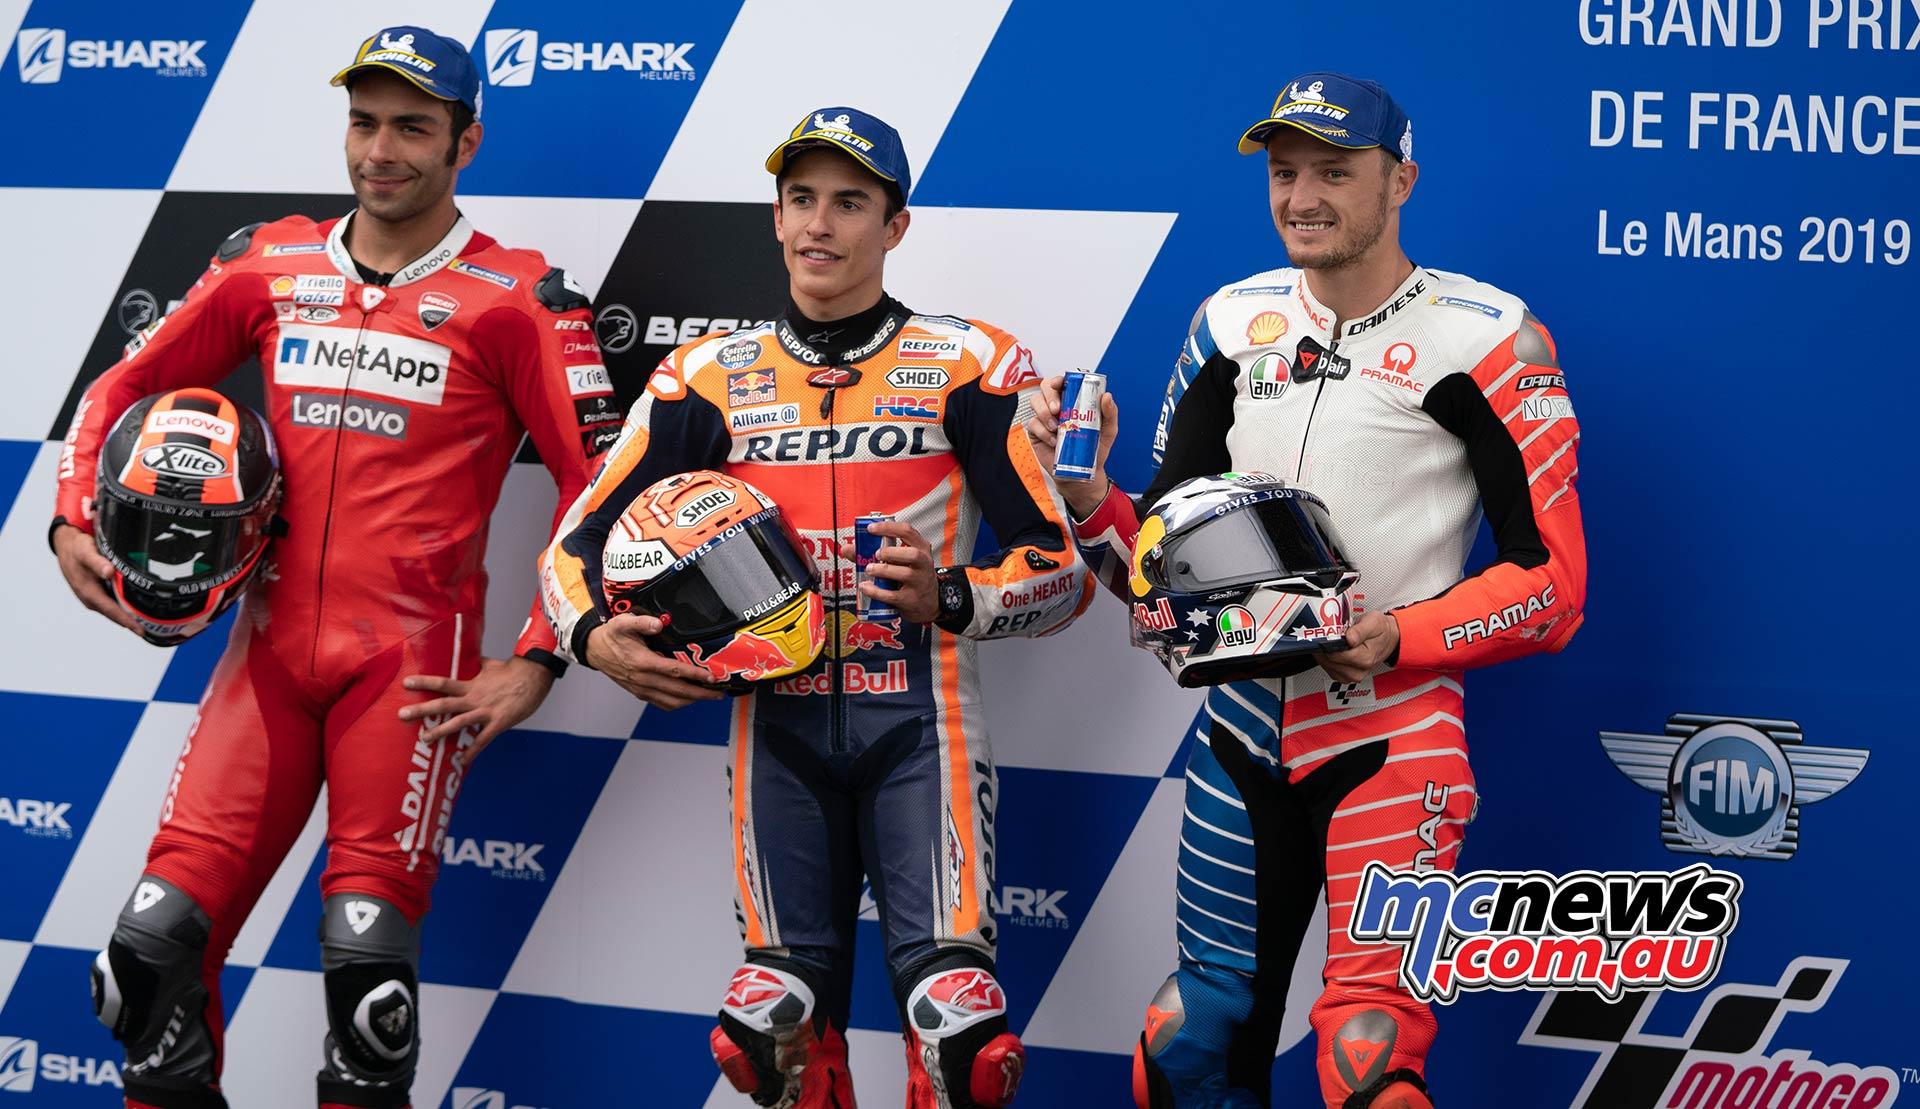 MotoGP Rnd LeMans QP Qualifying Marquez Petrucci Miller